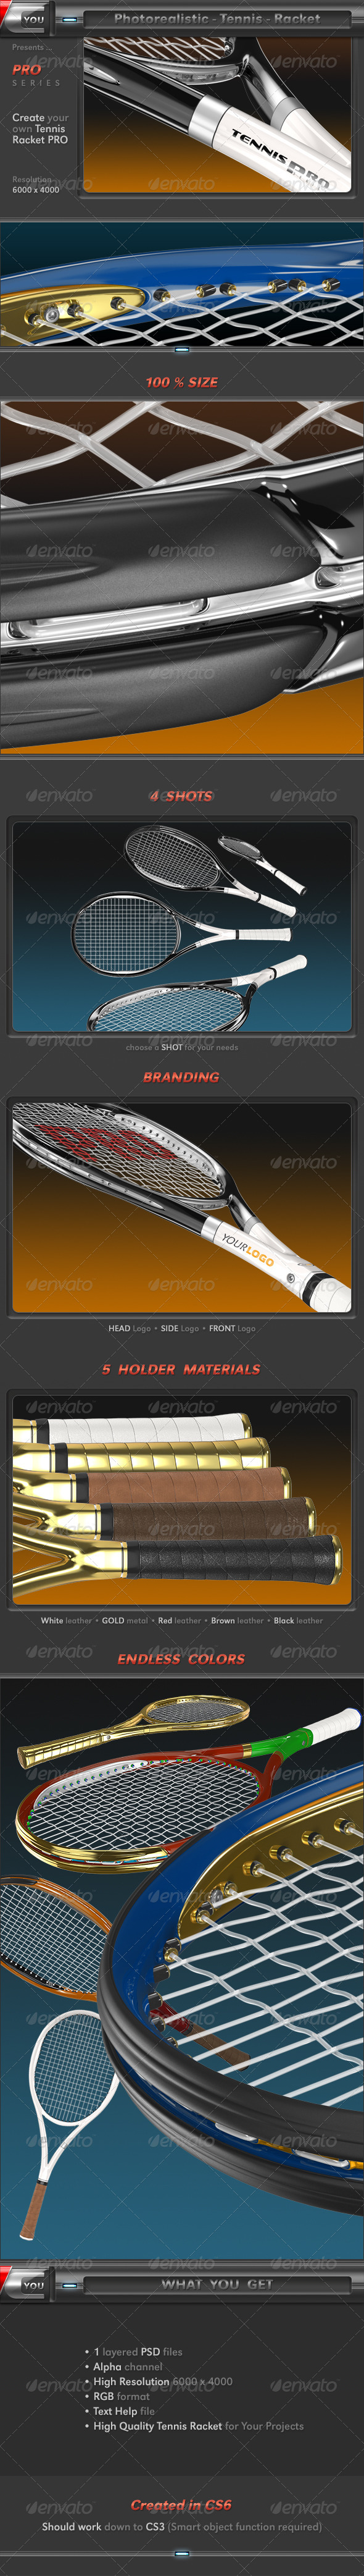 Tennis Racket - Objects 3D Renders